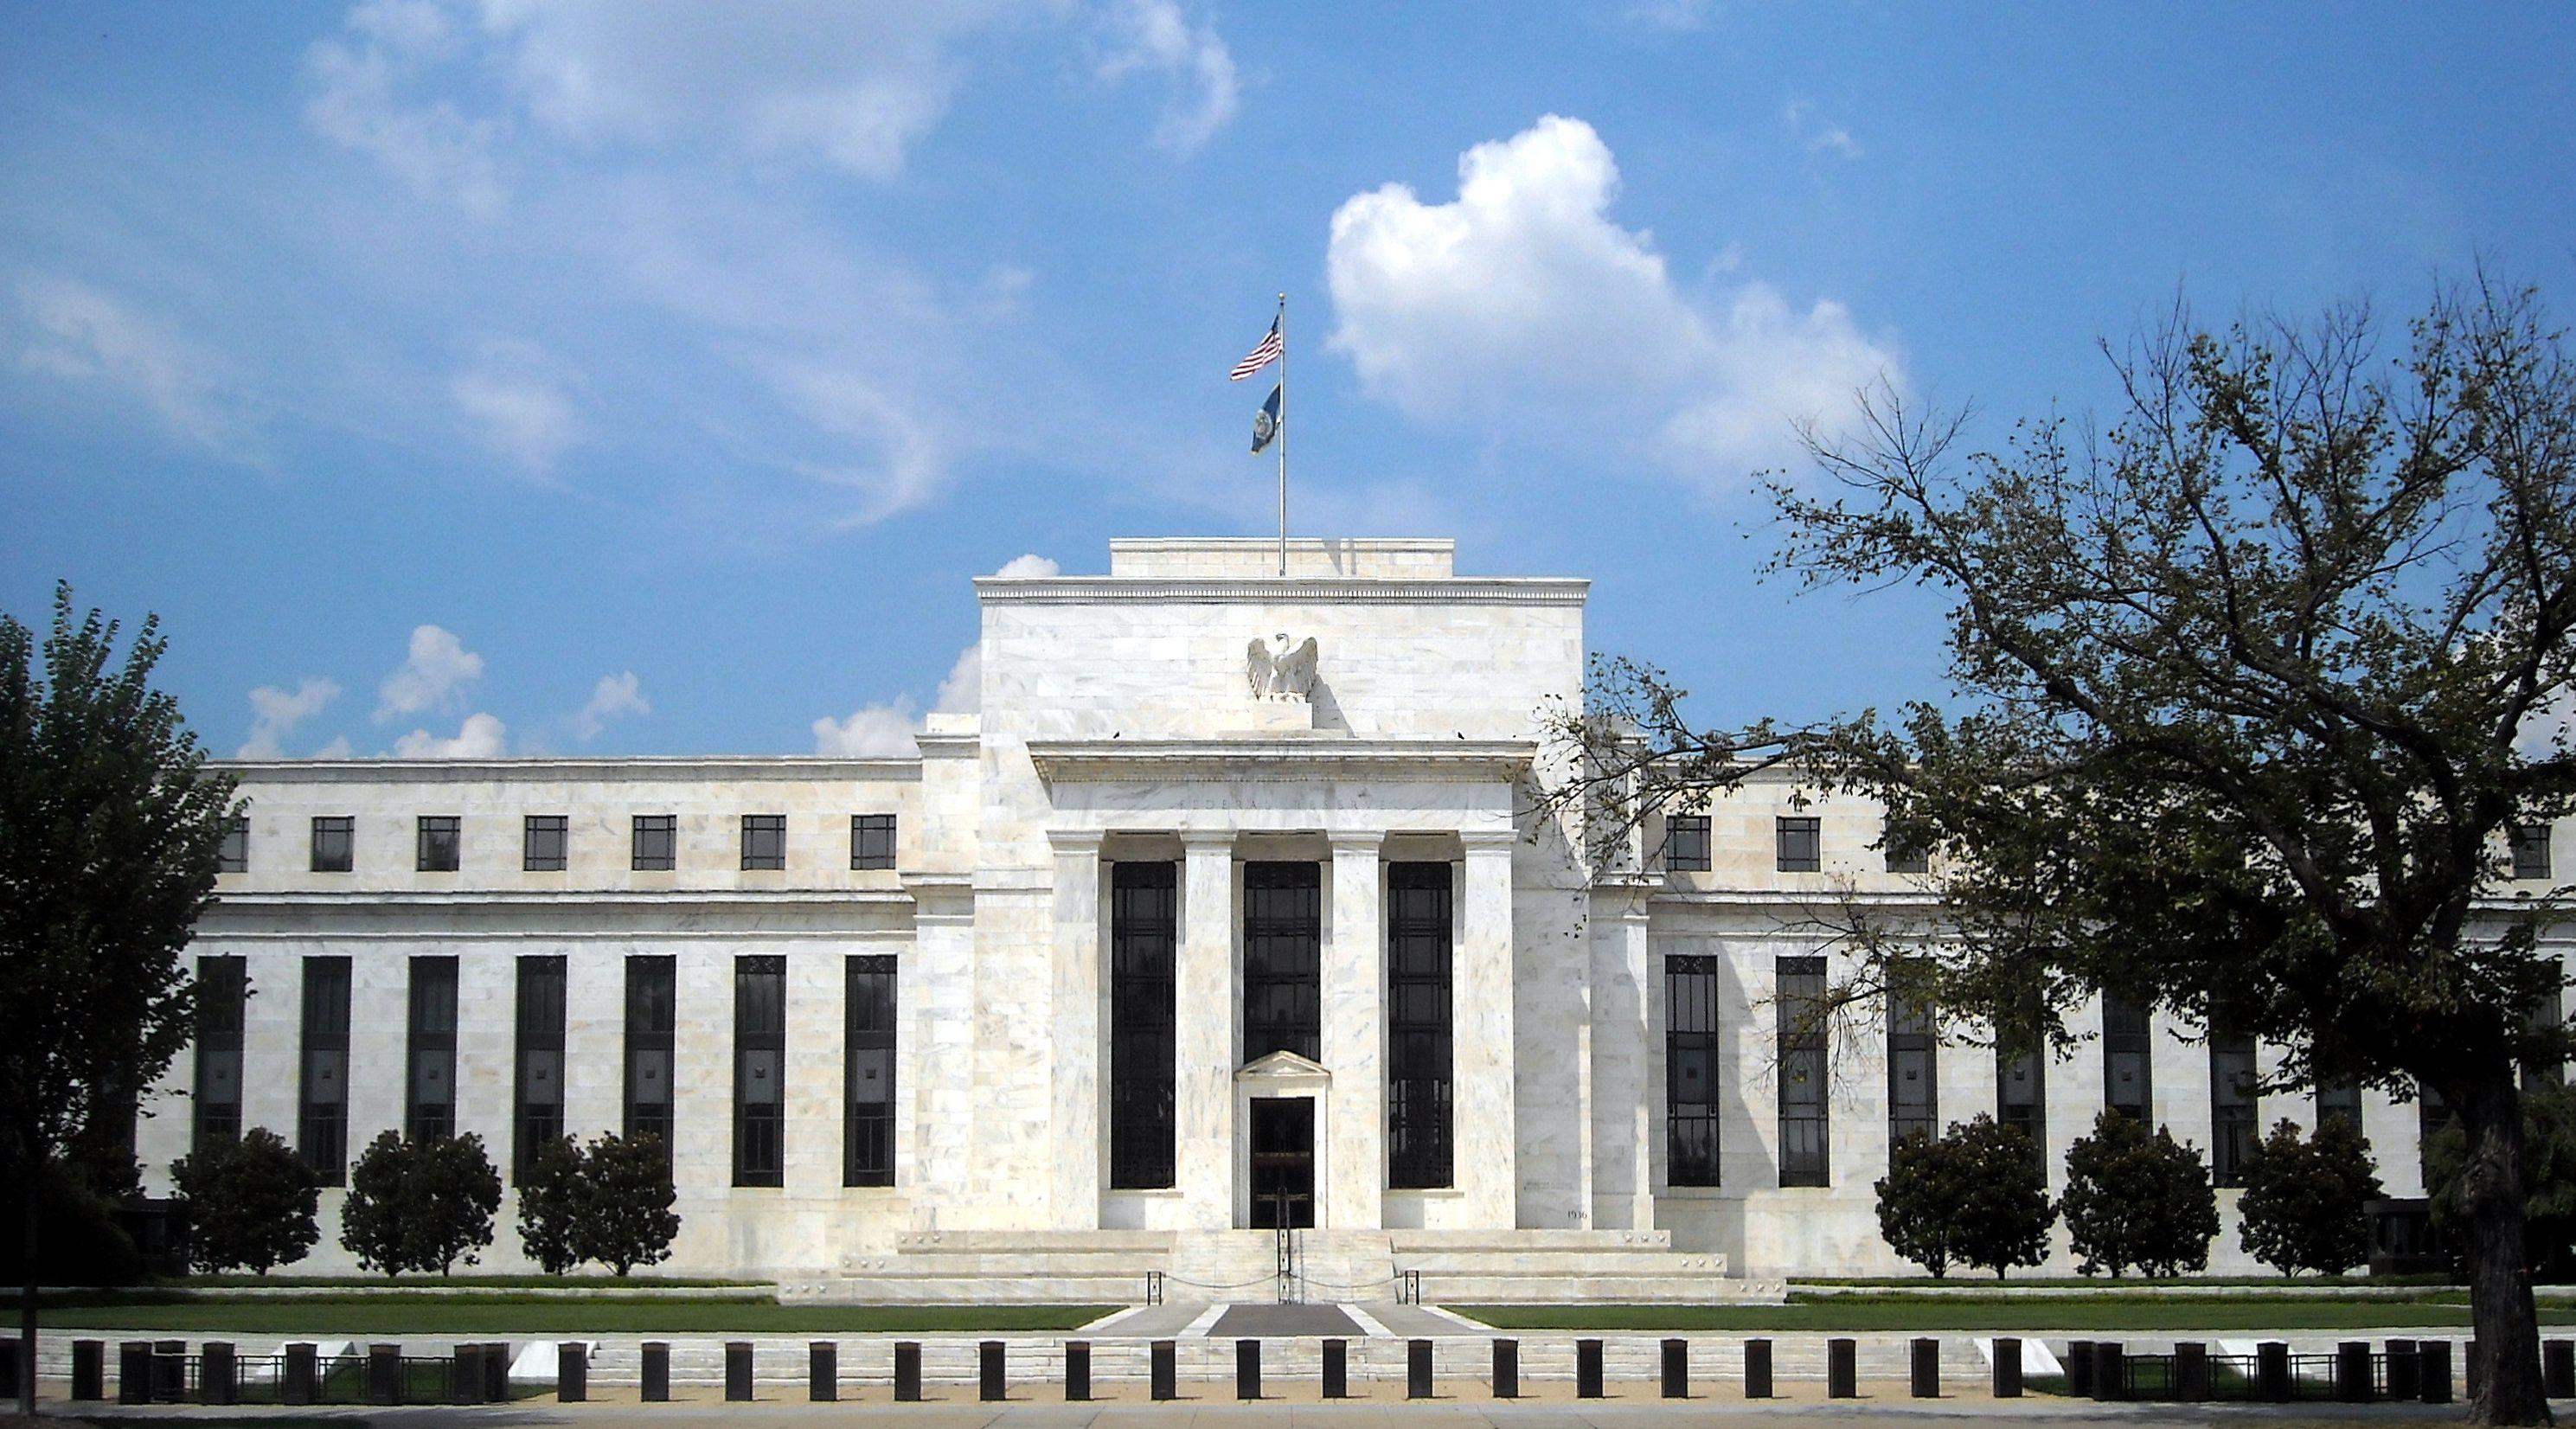 L'Eccles Building de Washington DC est le siège du Conseil des gouverneurs de la Réserve fédérale des États-Unis